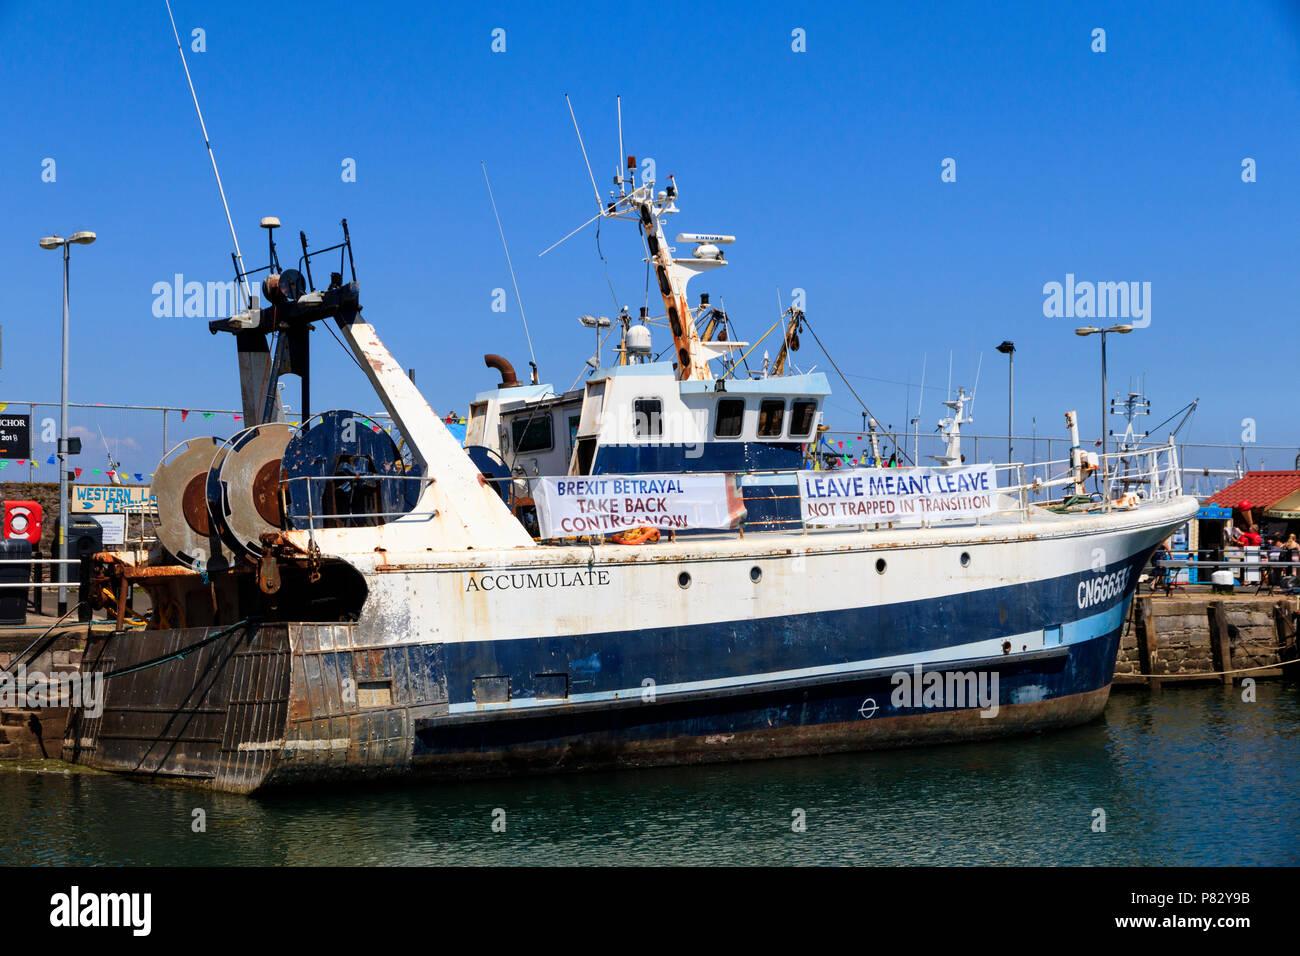 Chalutier en mer s'accumuler l'exécution Brexit banderoles de pêche dans le port de Brixham, Devon, UK Banque D'Images